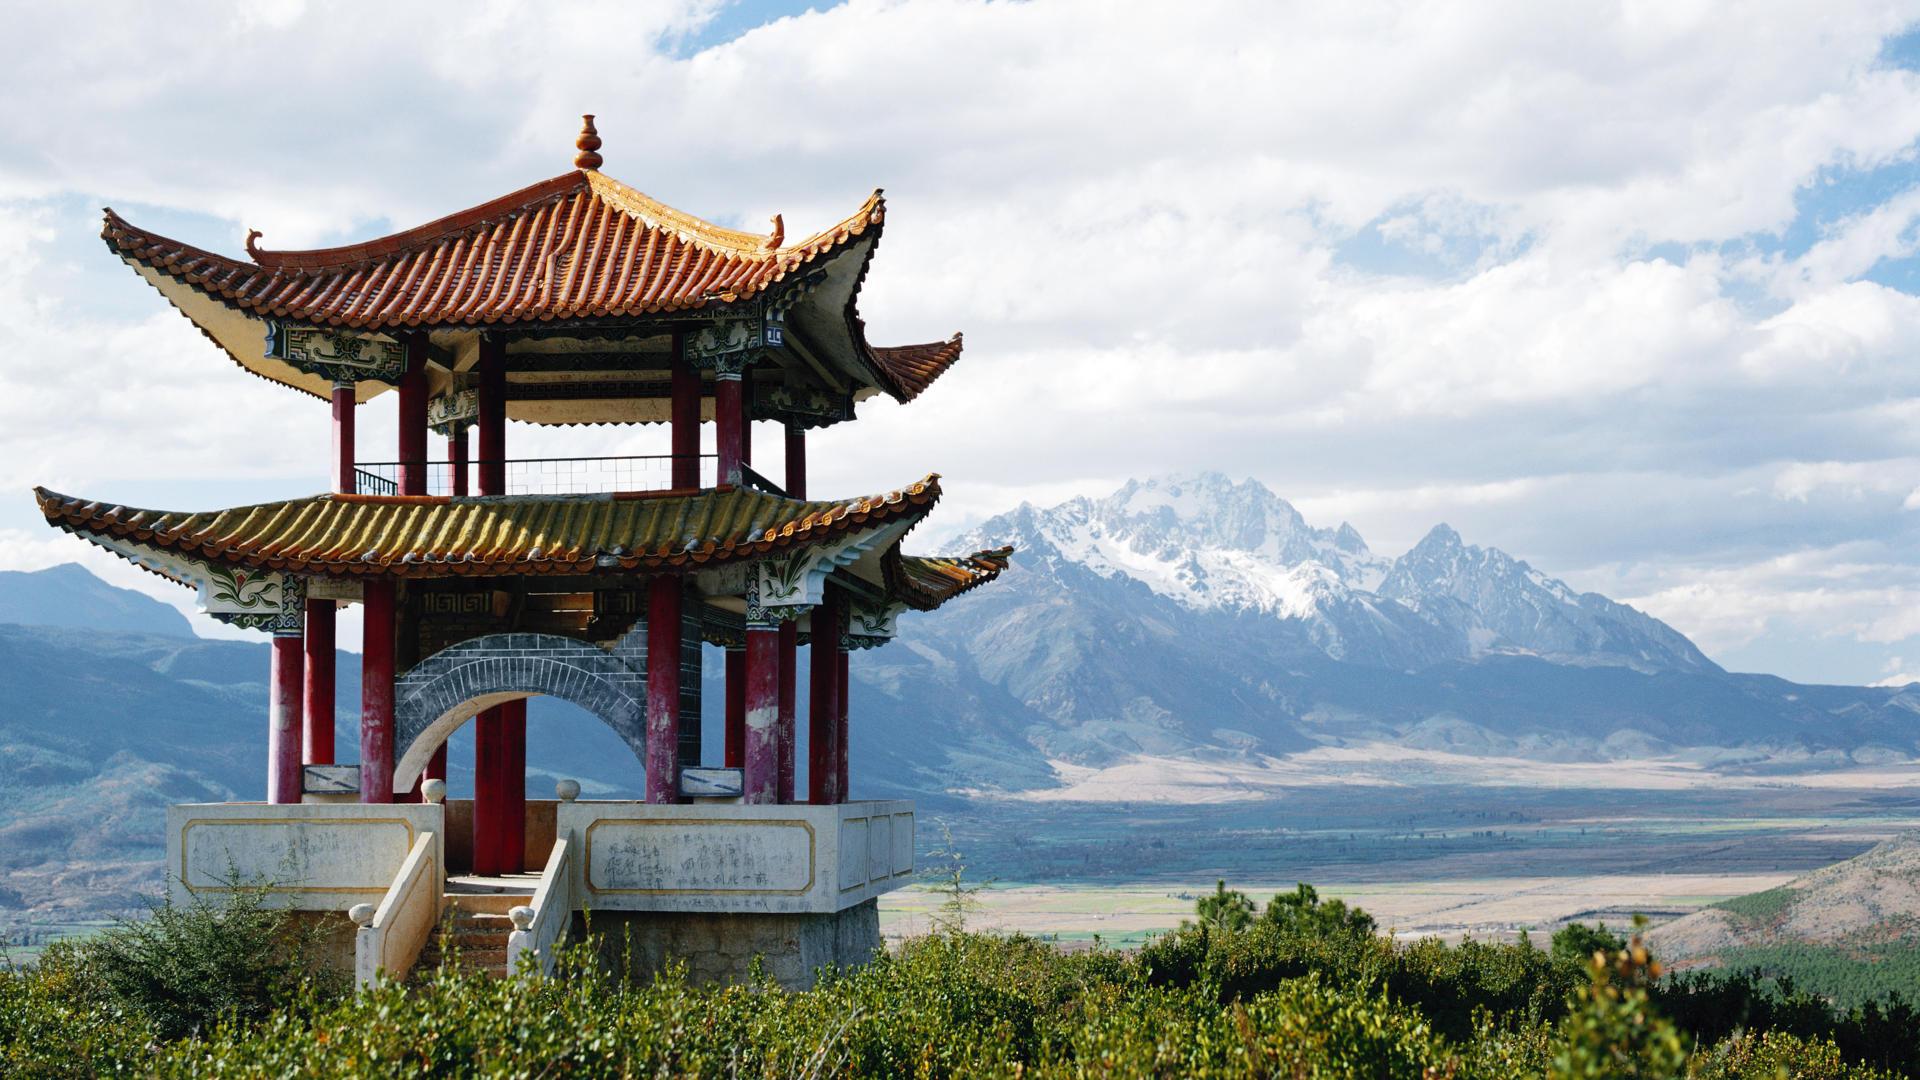 27996 Заставки и Обои Азия на телефон. Скачать Пейзаж, Горы, Архитектура, Азия картинки бесплатно